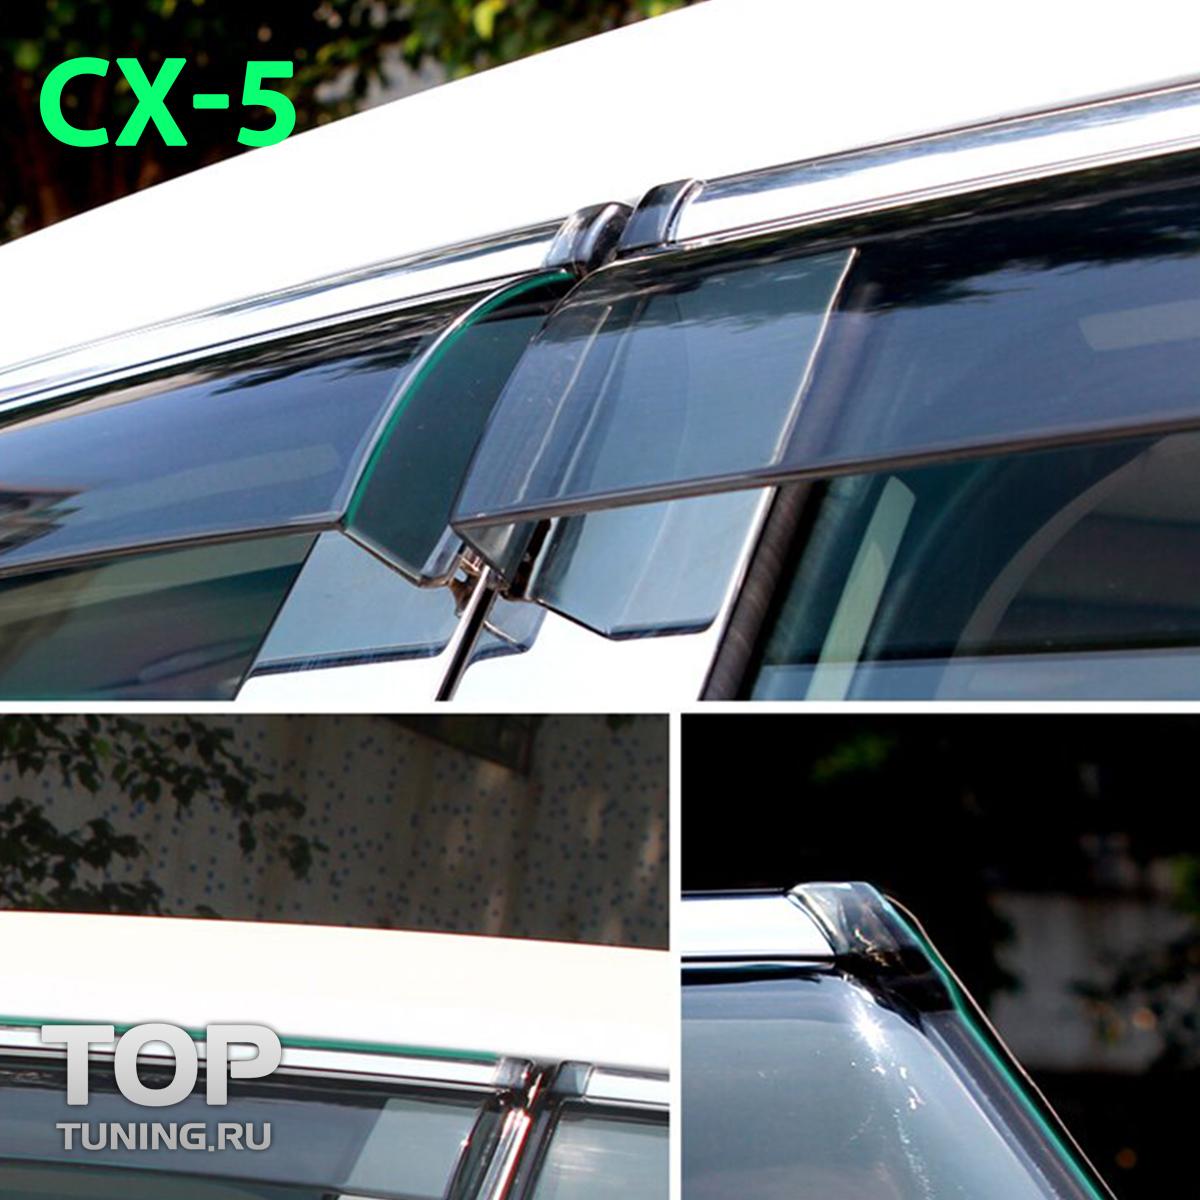 дефлекторы для mazda cx-5 3m